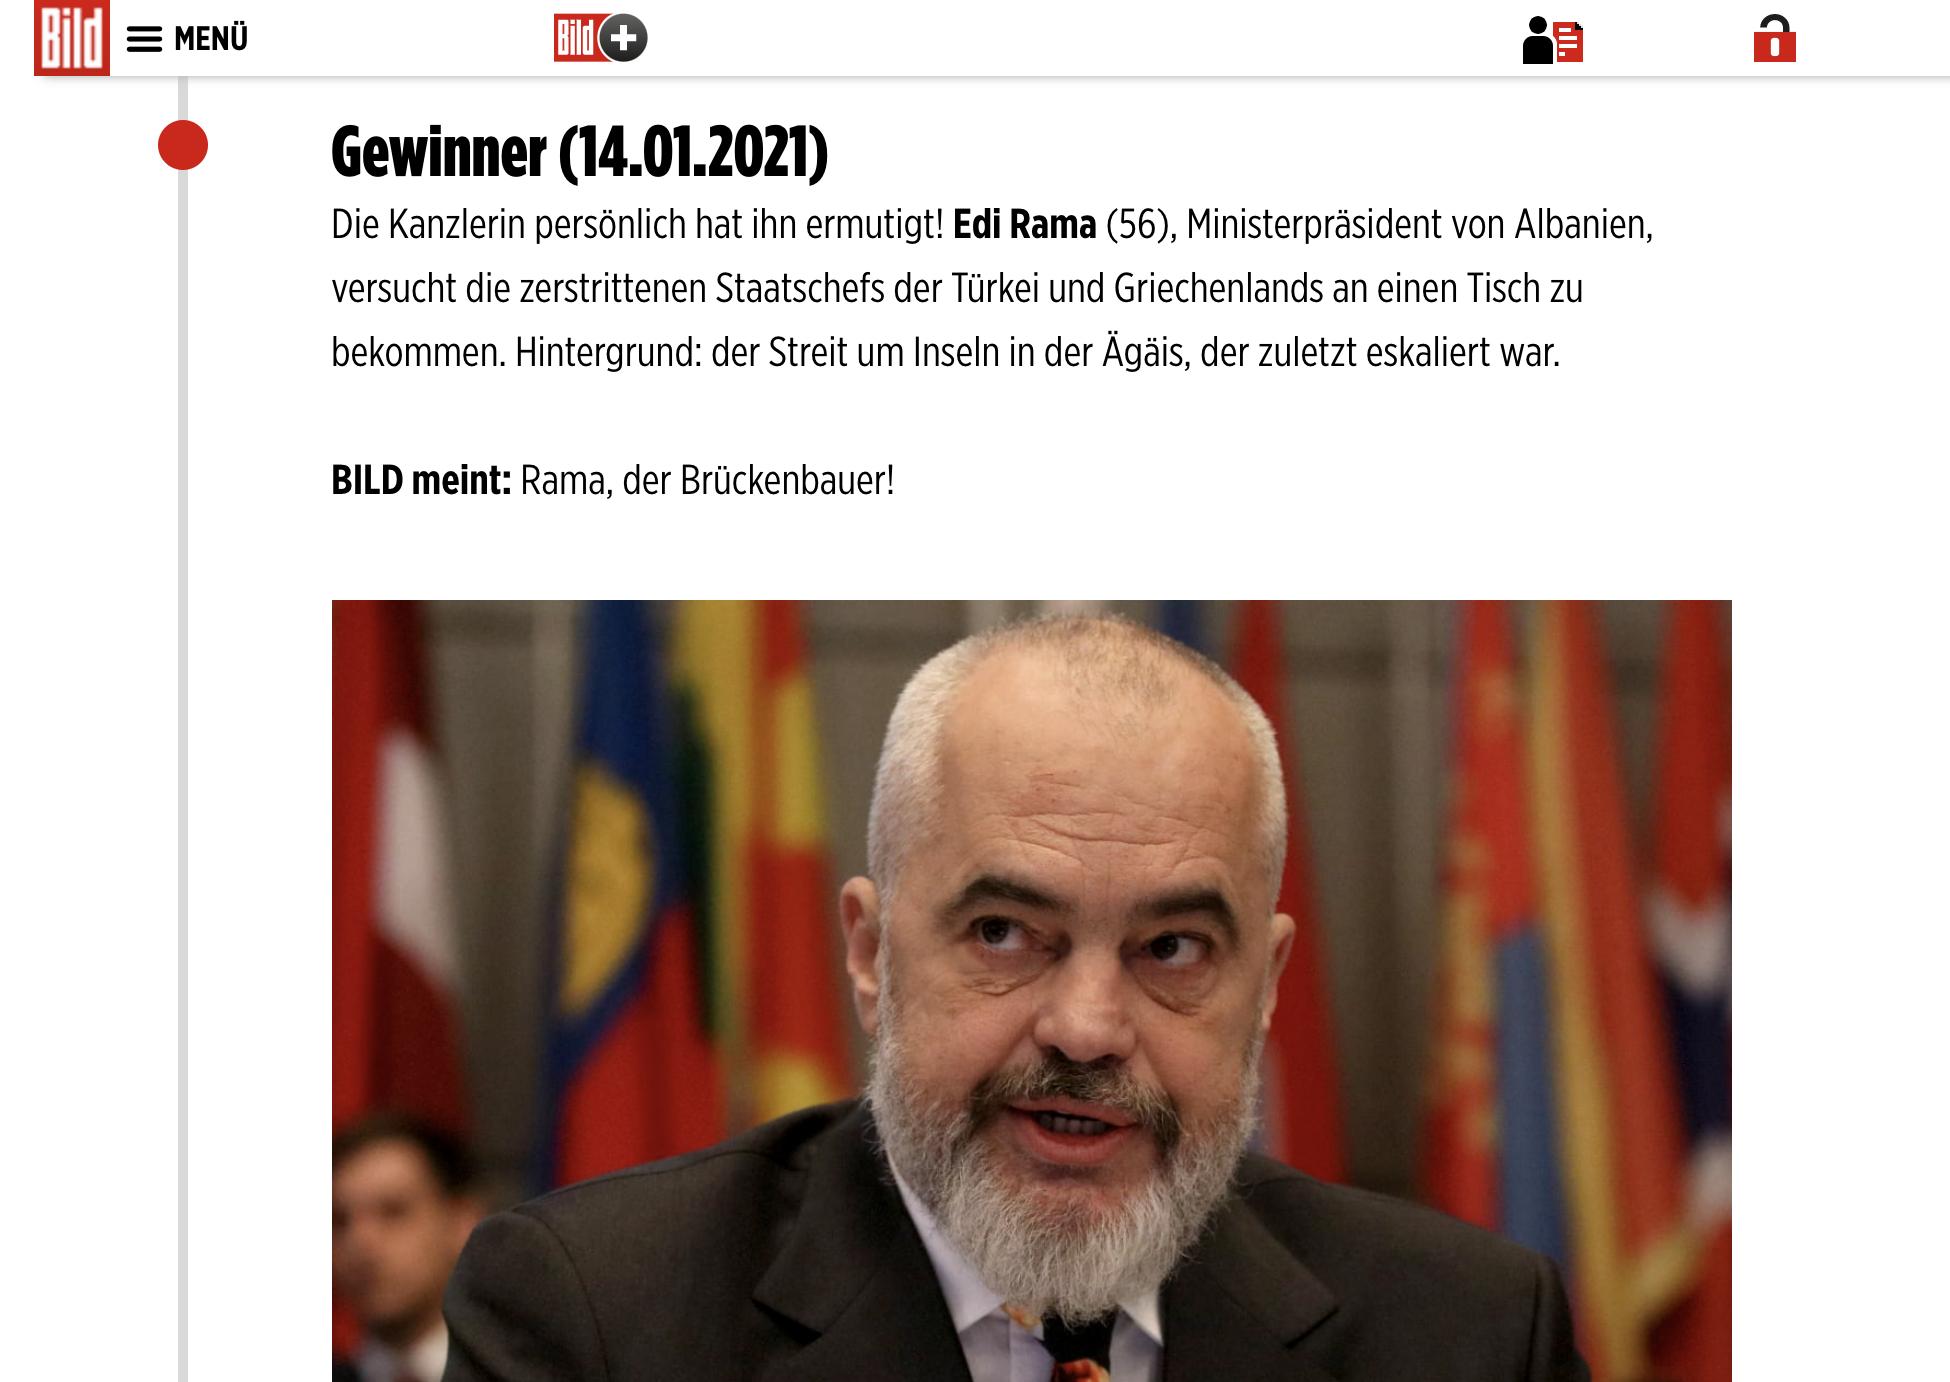 Albanija: Nemački Bild vidi Ramu kao graditelja mostova između Grčke i Turske